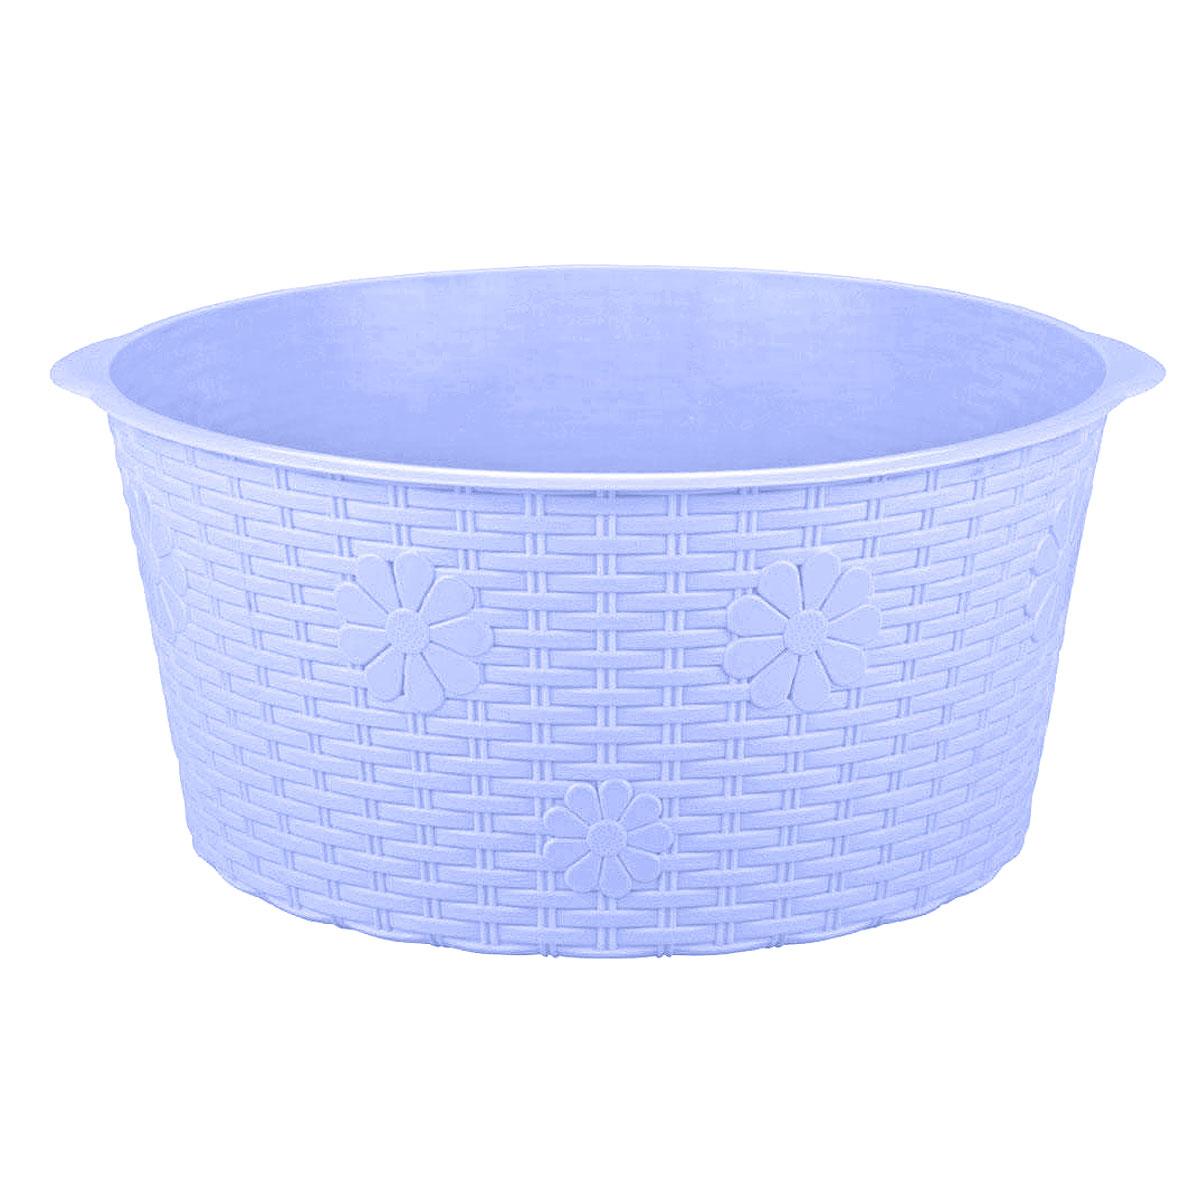 Таз Альтернатива Плетенка, цвет: сине-фиолетовый, 20 лМ2258Таз Альтернатива Плетенка изготовлен из высококачественного пластика. Он выполнен в классическом круглом варианте. Для удобного использования таз снабжен двумя ручками. Таз предназначен для стирки и хранения разных вещей. Он пригодится в любом хозяйстве. Объем: 20 л.Диаметр (по верхнему краю с учетом ручек): 45 см. Диаметр (по верхнему краю без учета ручек): 42 см. Высота: 20 см.